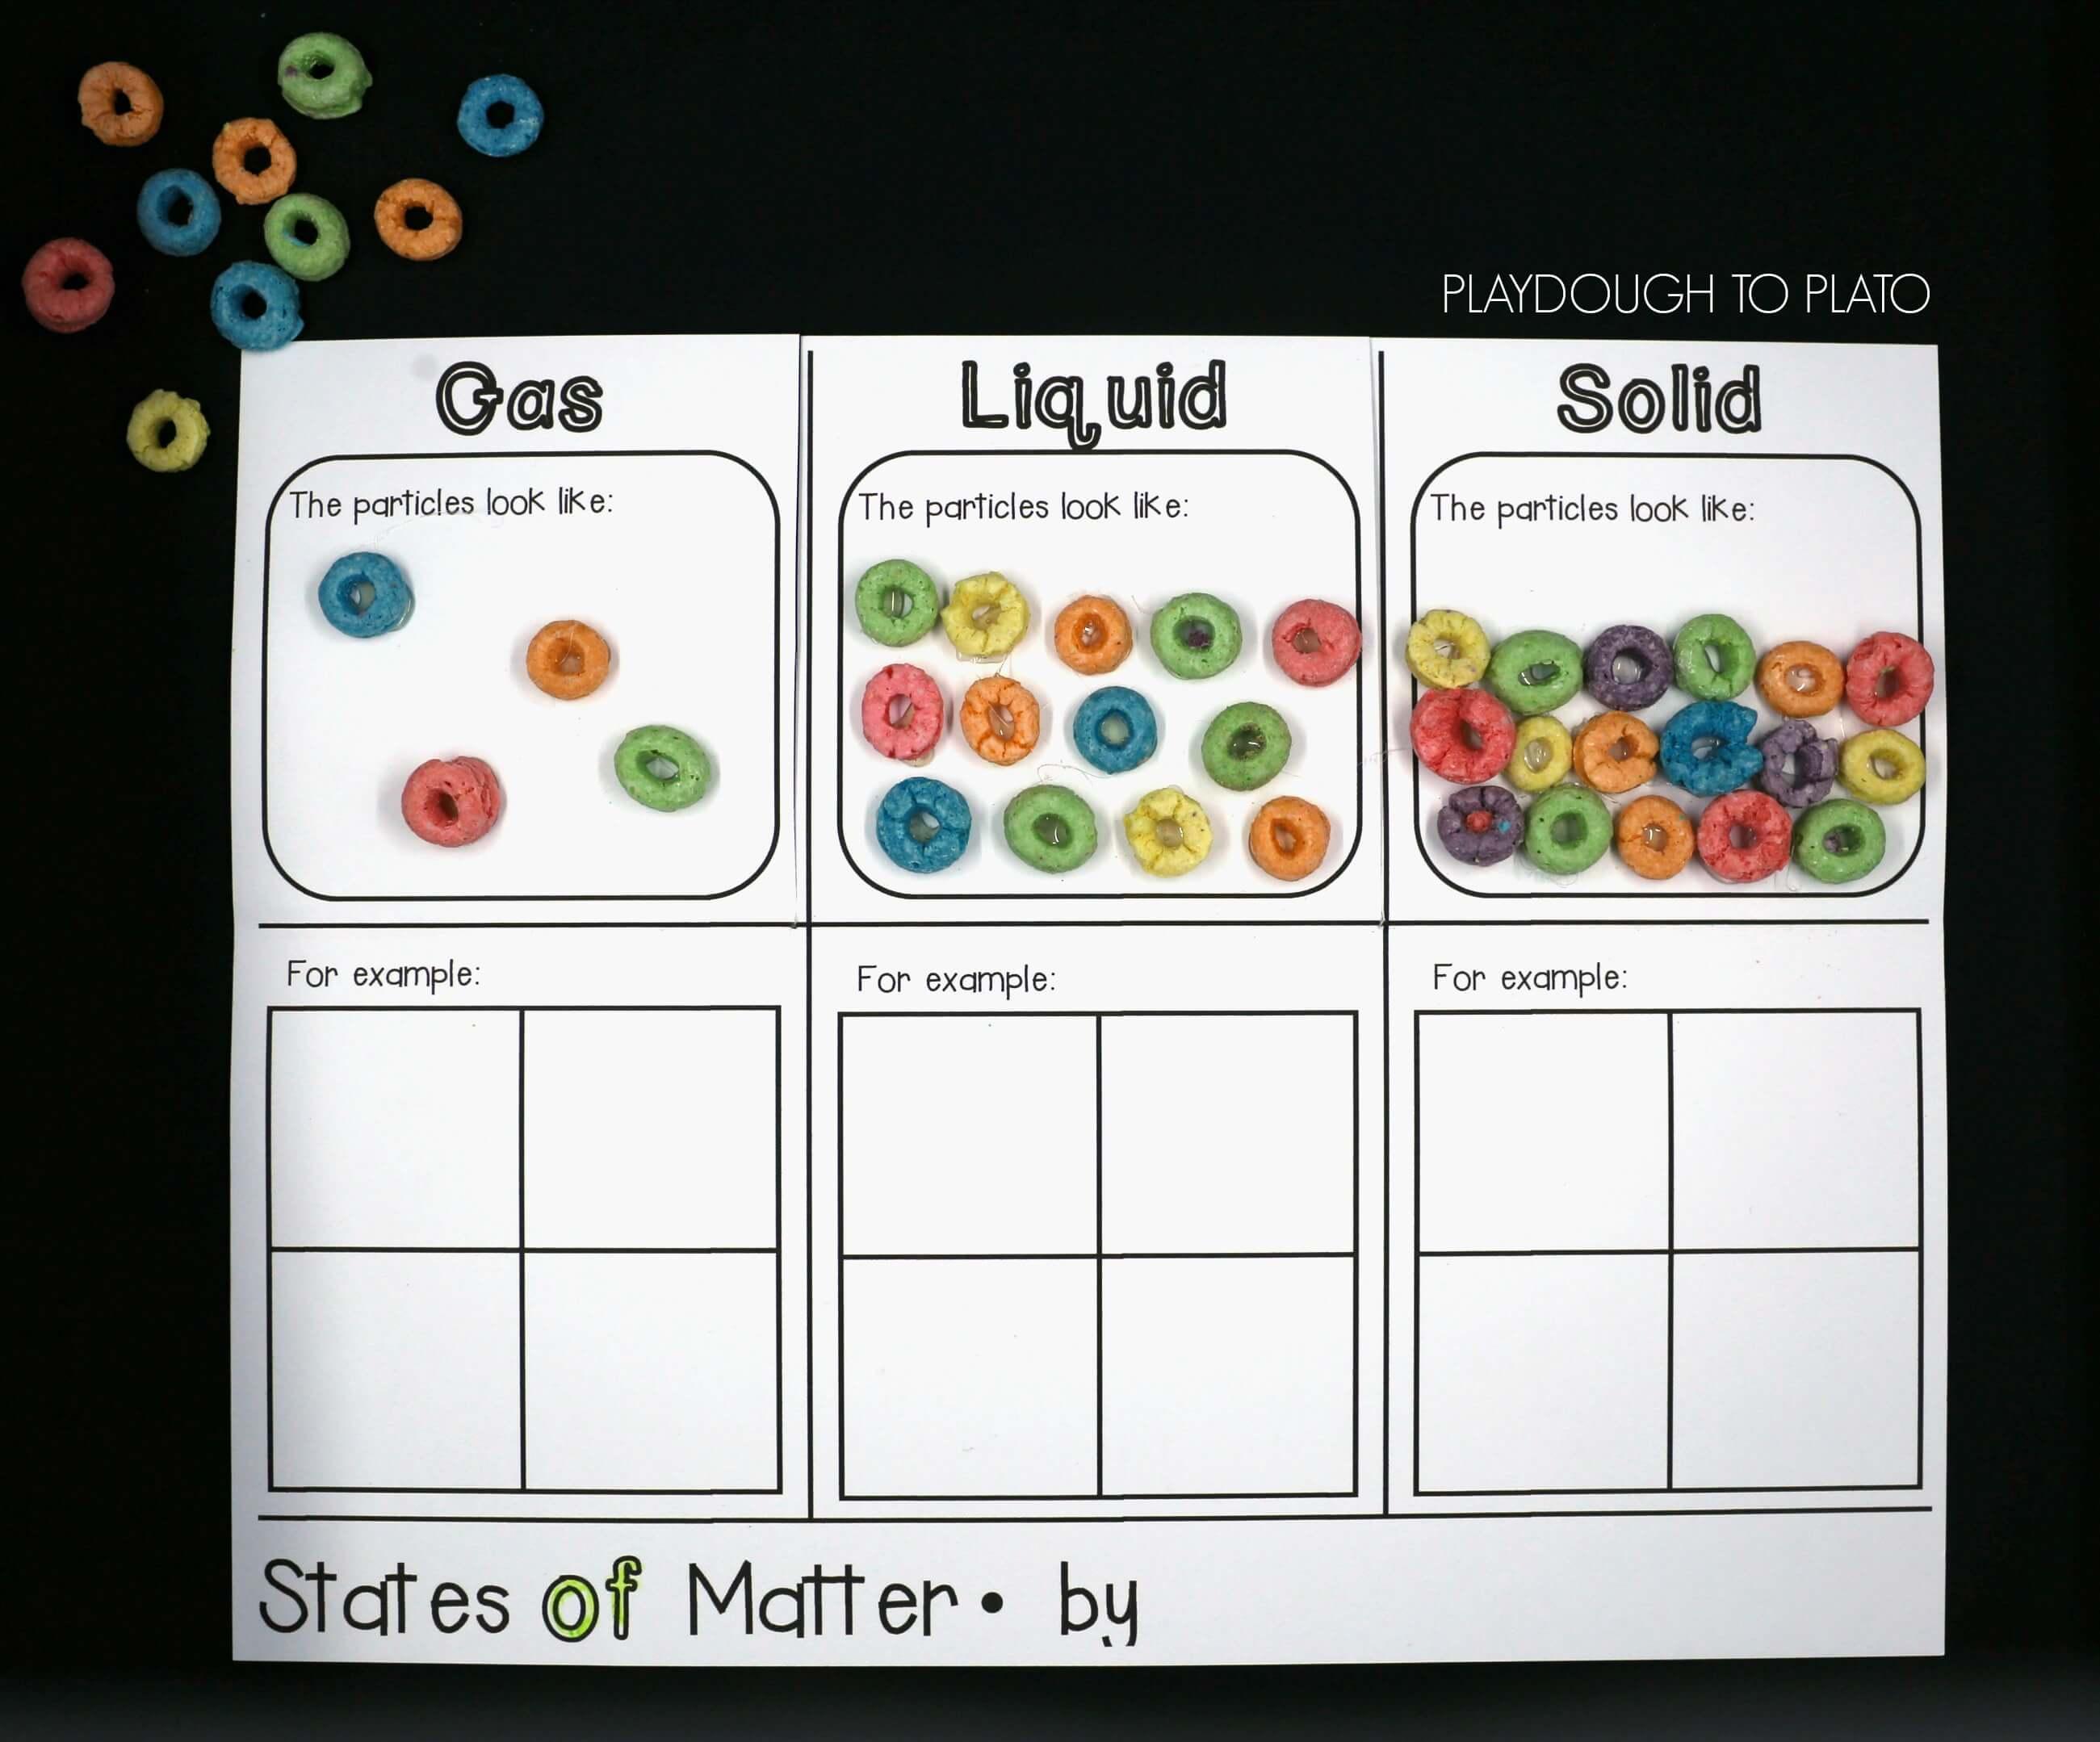 States of Matter Activ...